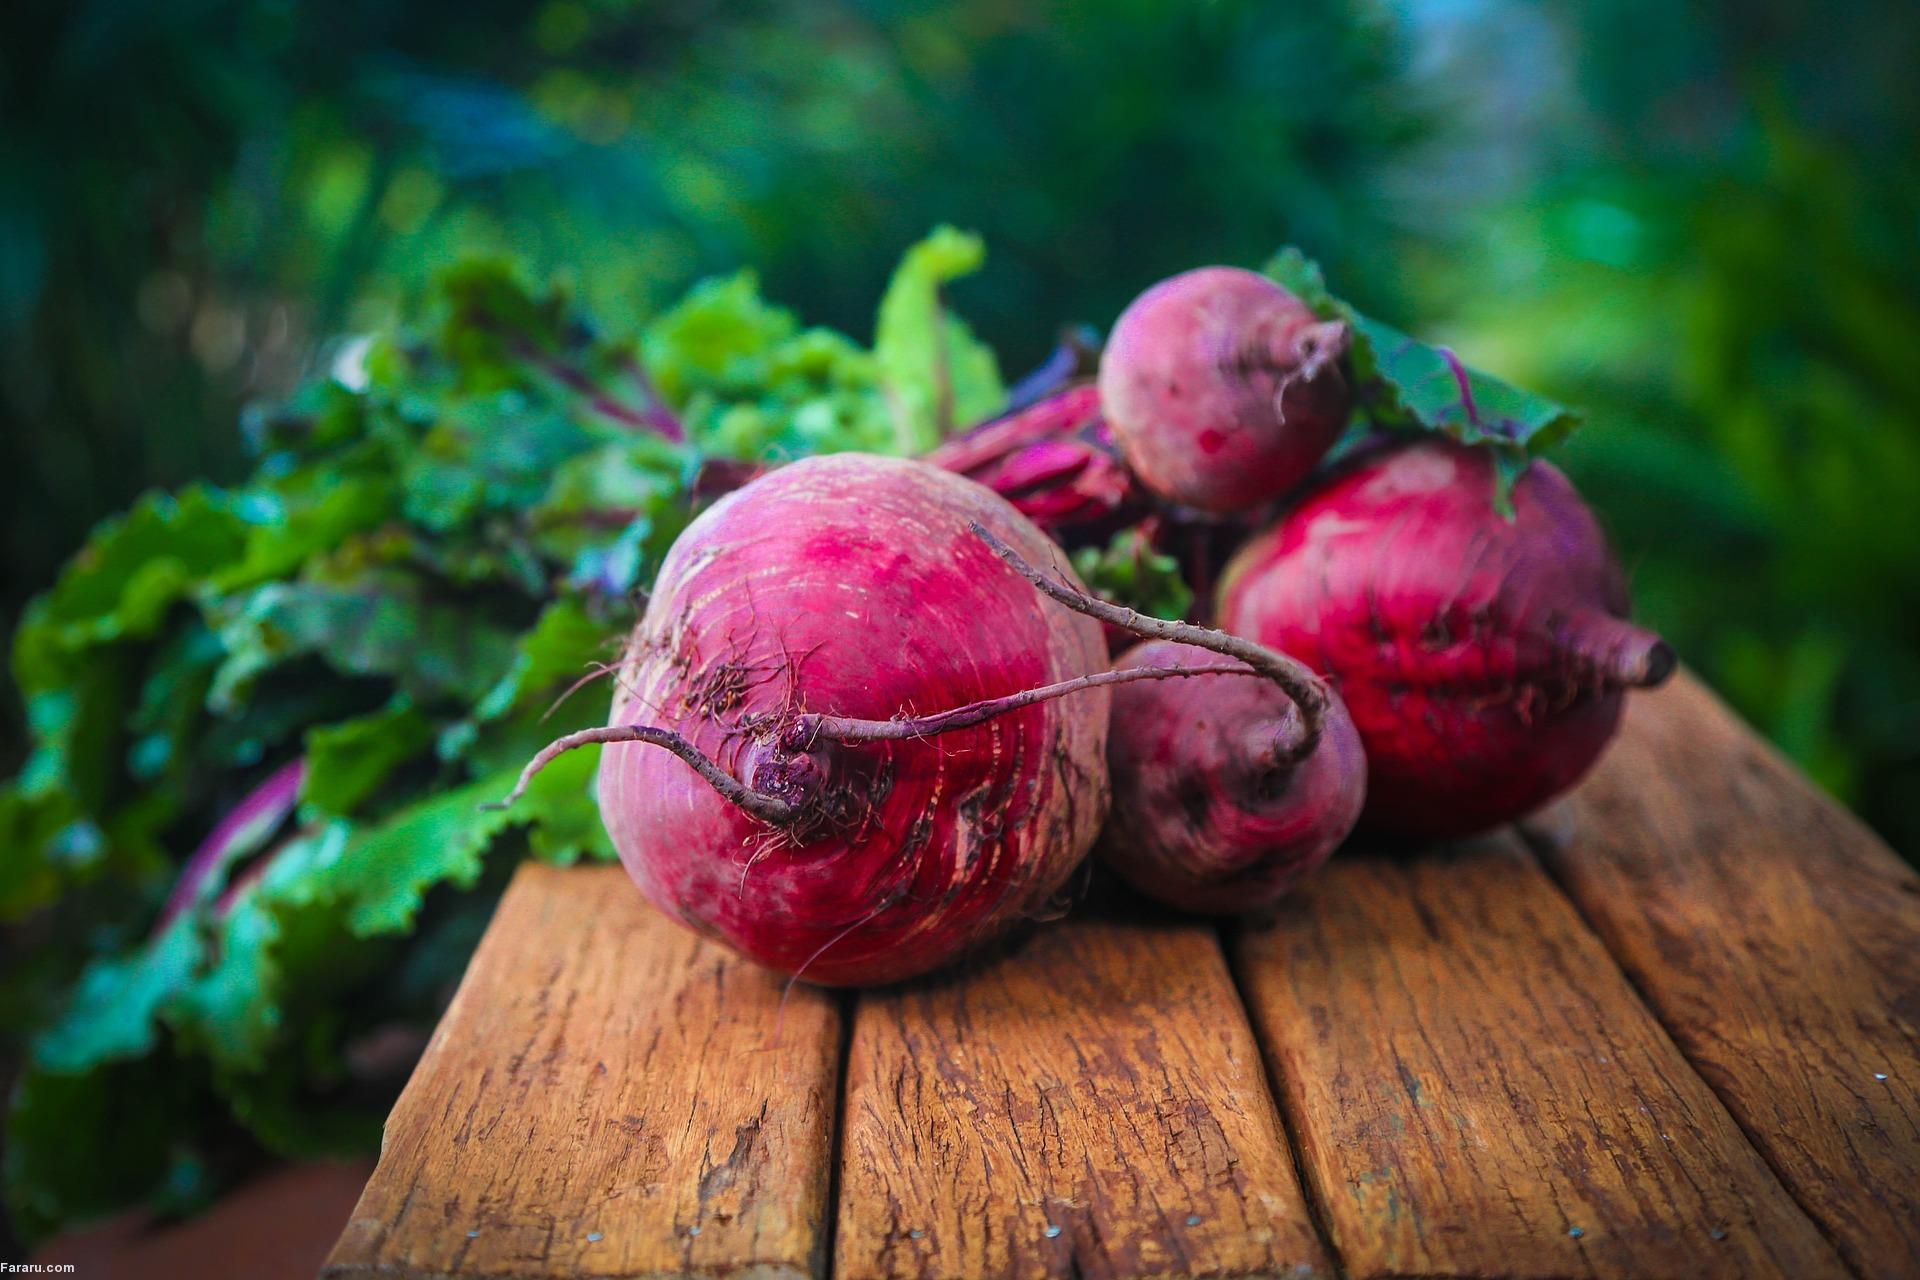 ۱۱ غذای فوقالعاده برای افراد دوران میانسالی